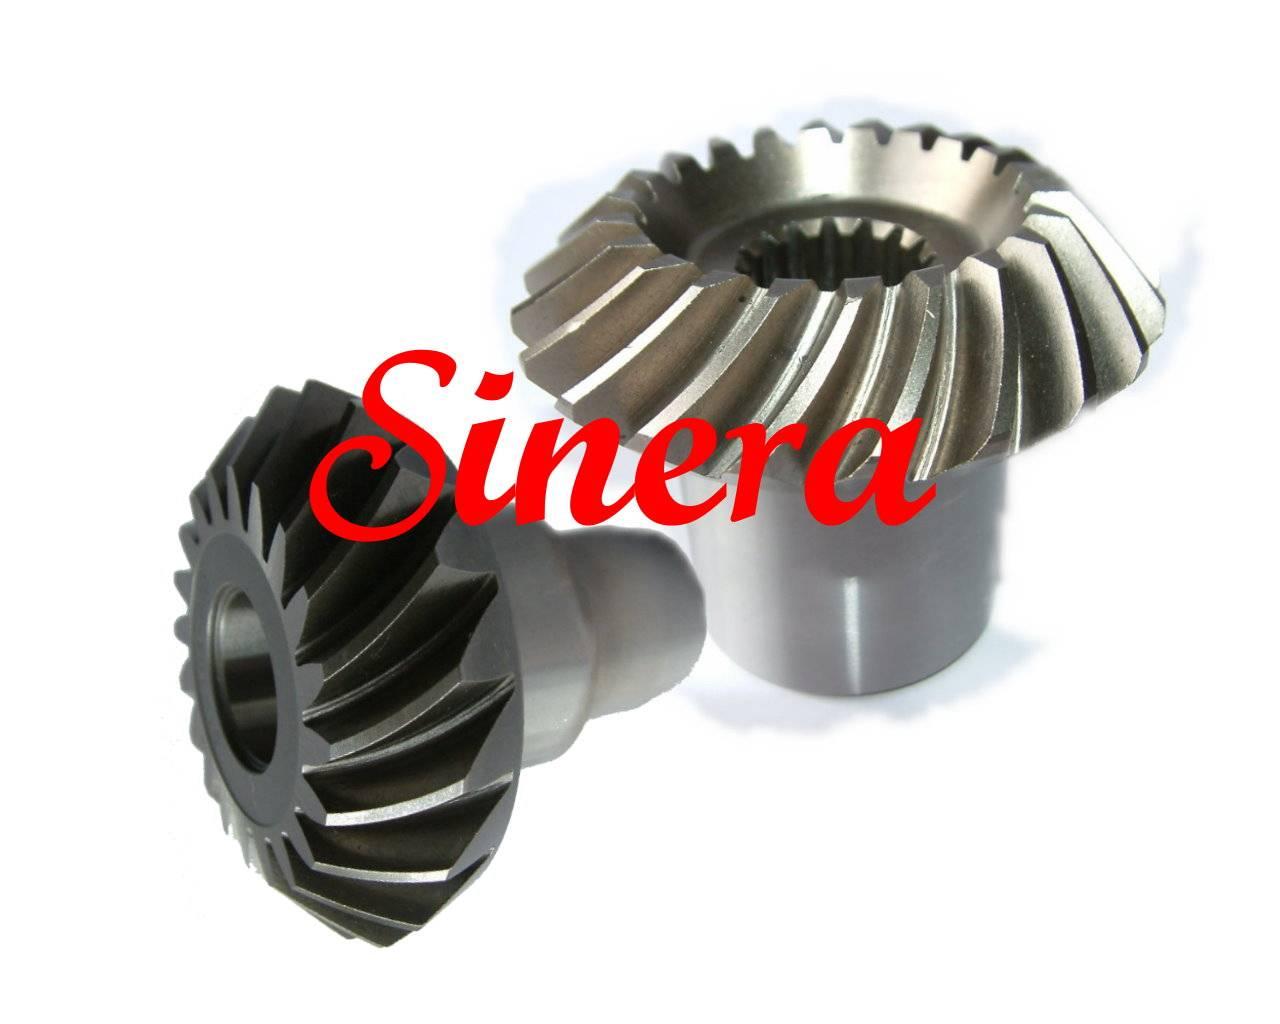 MerCruiser Gear Set Kit, 43-853640A2, Sierra 18-6350